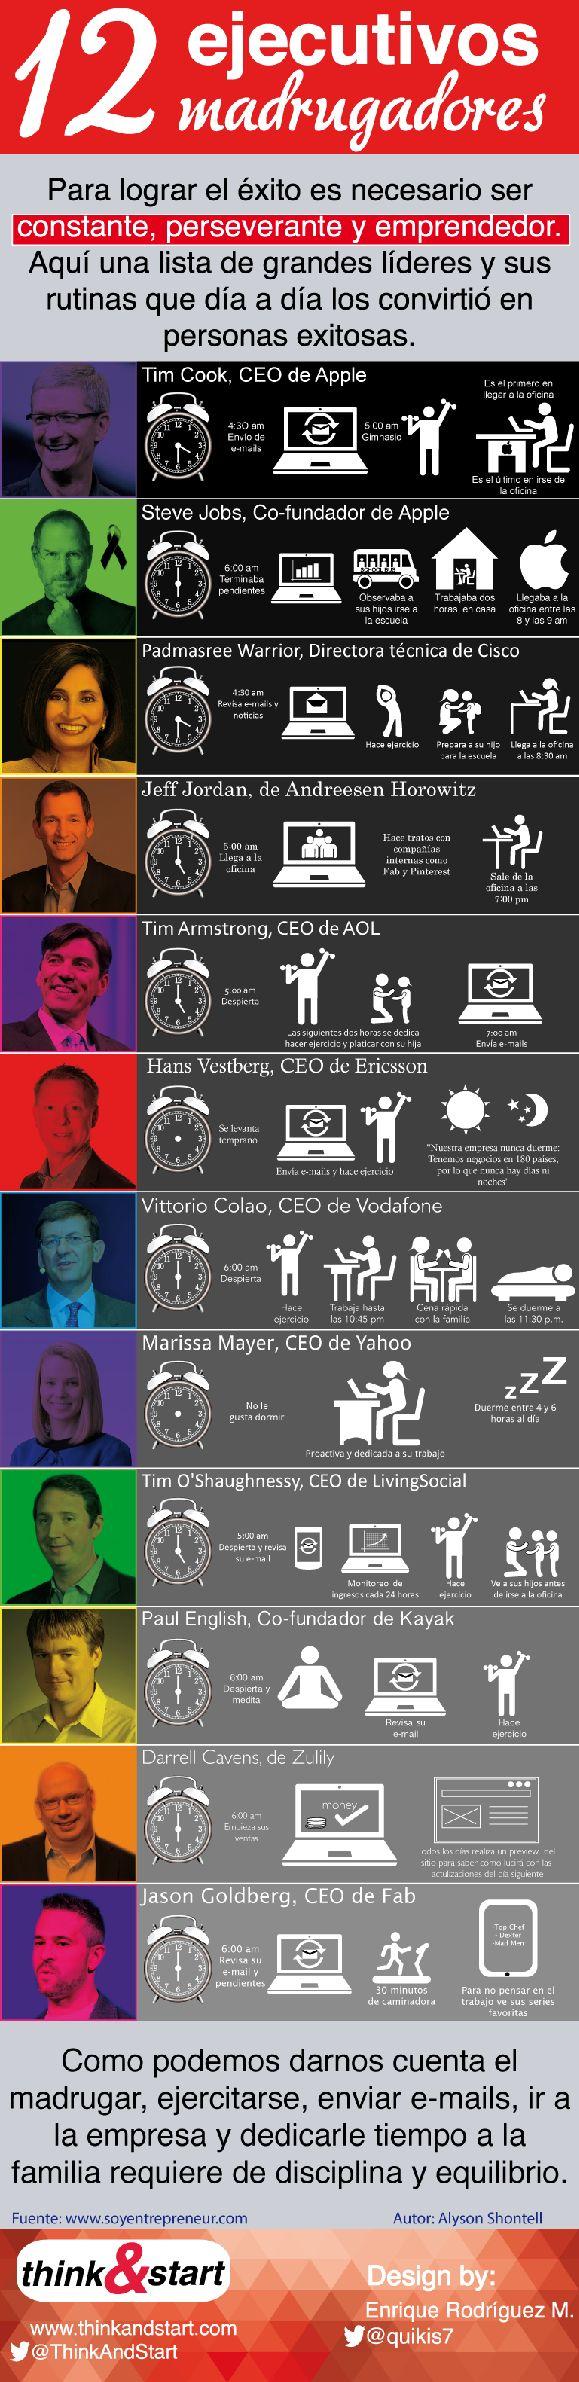 Rutinas de emprendedores de éxito: dormir poco y trabajar mucho son claves, pero también las relaciones personales y estar en forma.